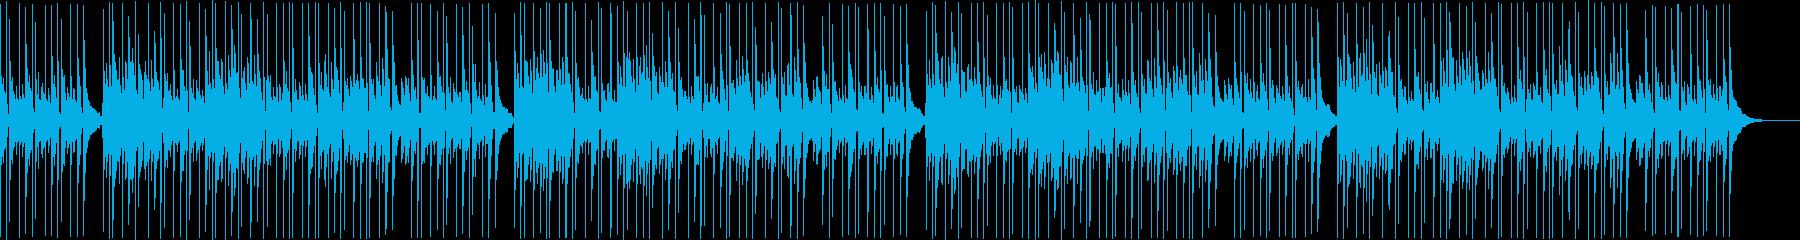 ピアノのゆったりBGMの再生済みの波形